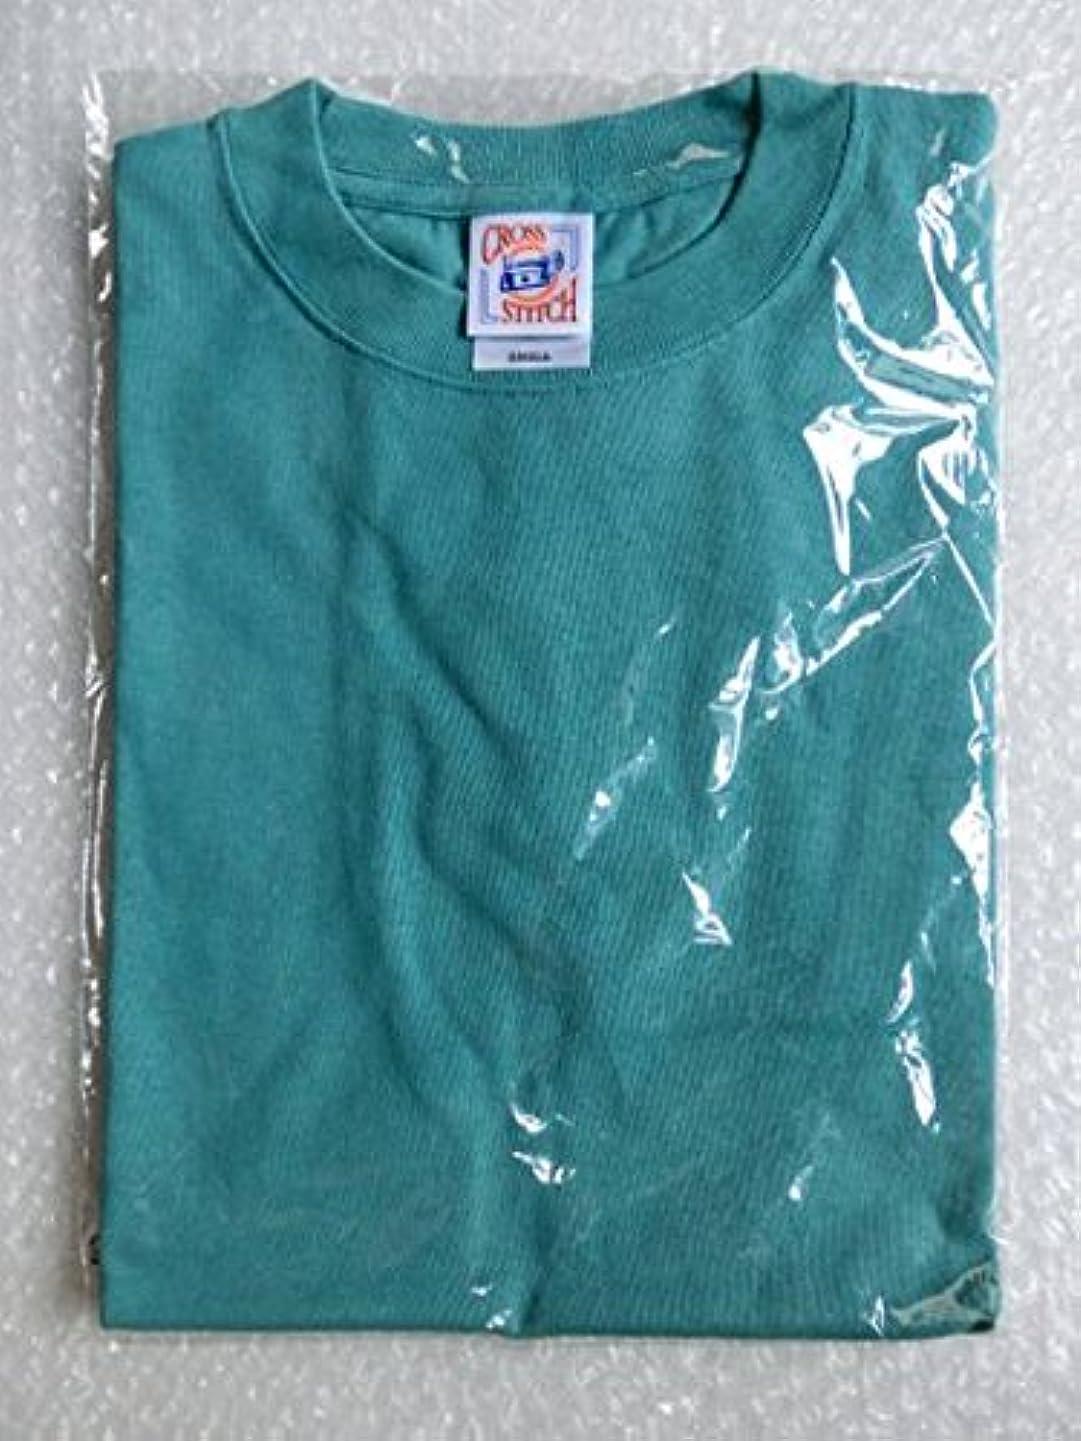 レバードキュメンタリー翻訳者Perfume パフューム 2008年 夏Tシャツ オーシャン Sサイズ